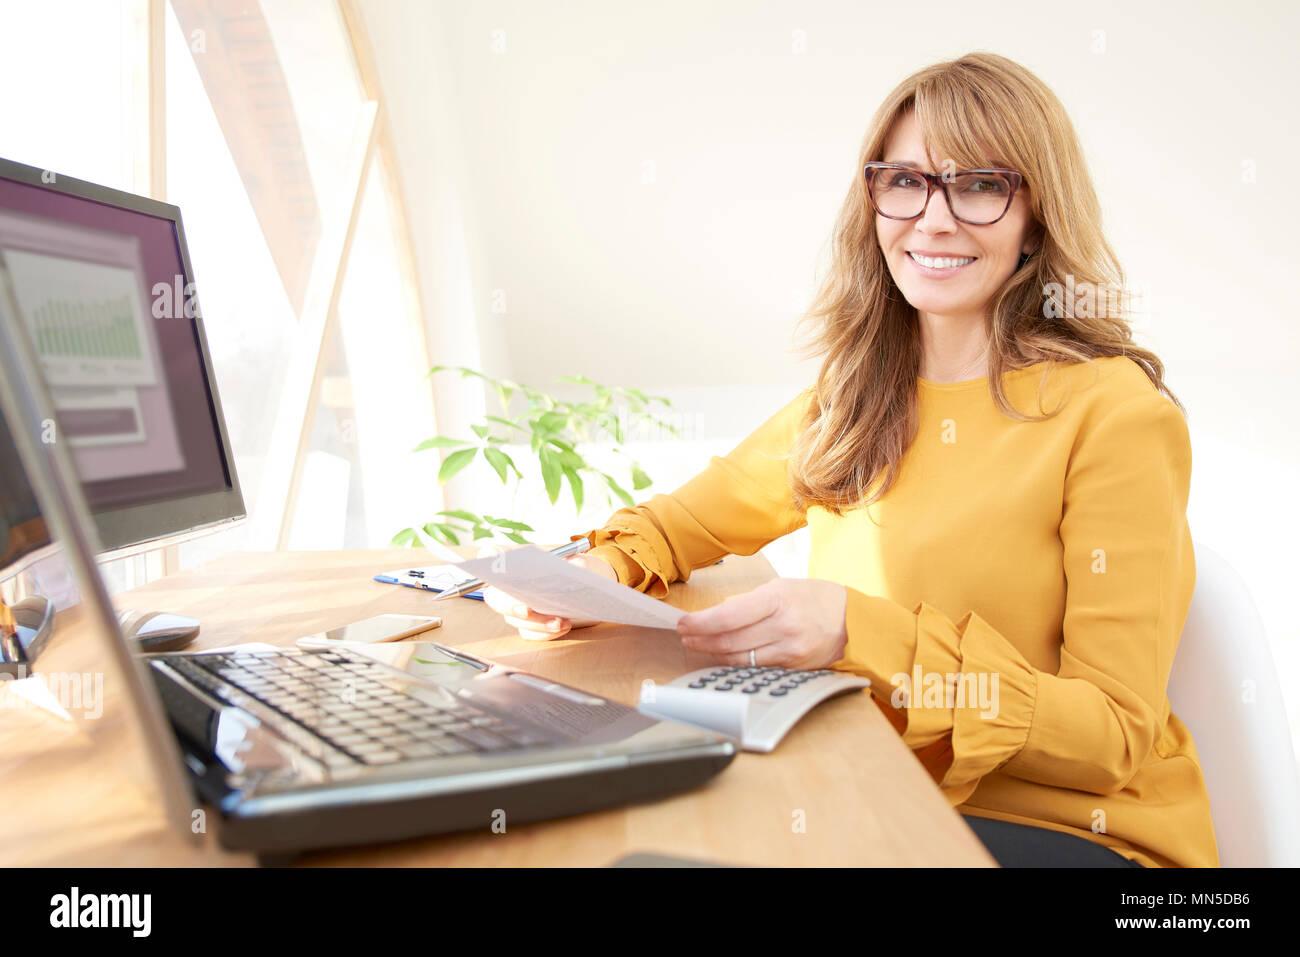 Di mezza età imprenditrice executive seduti al computer e laptop e facendo alcuni documenti. Home office. Foto Stock